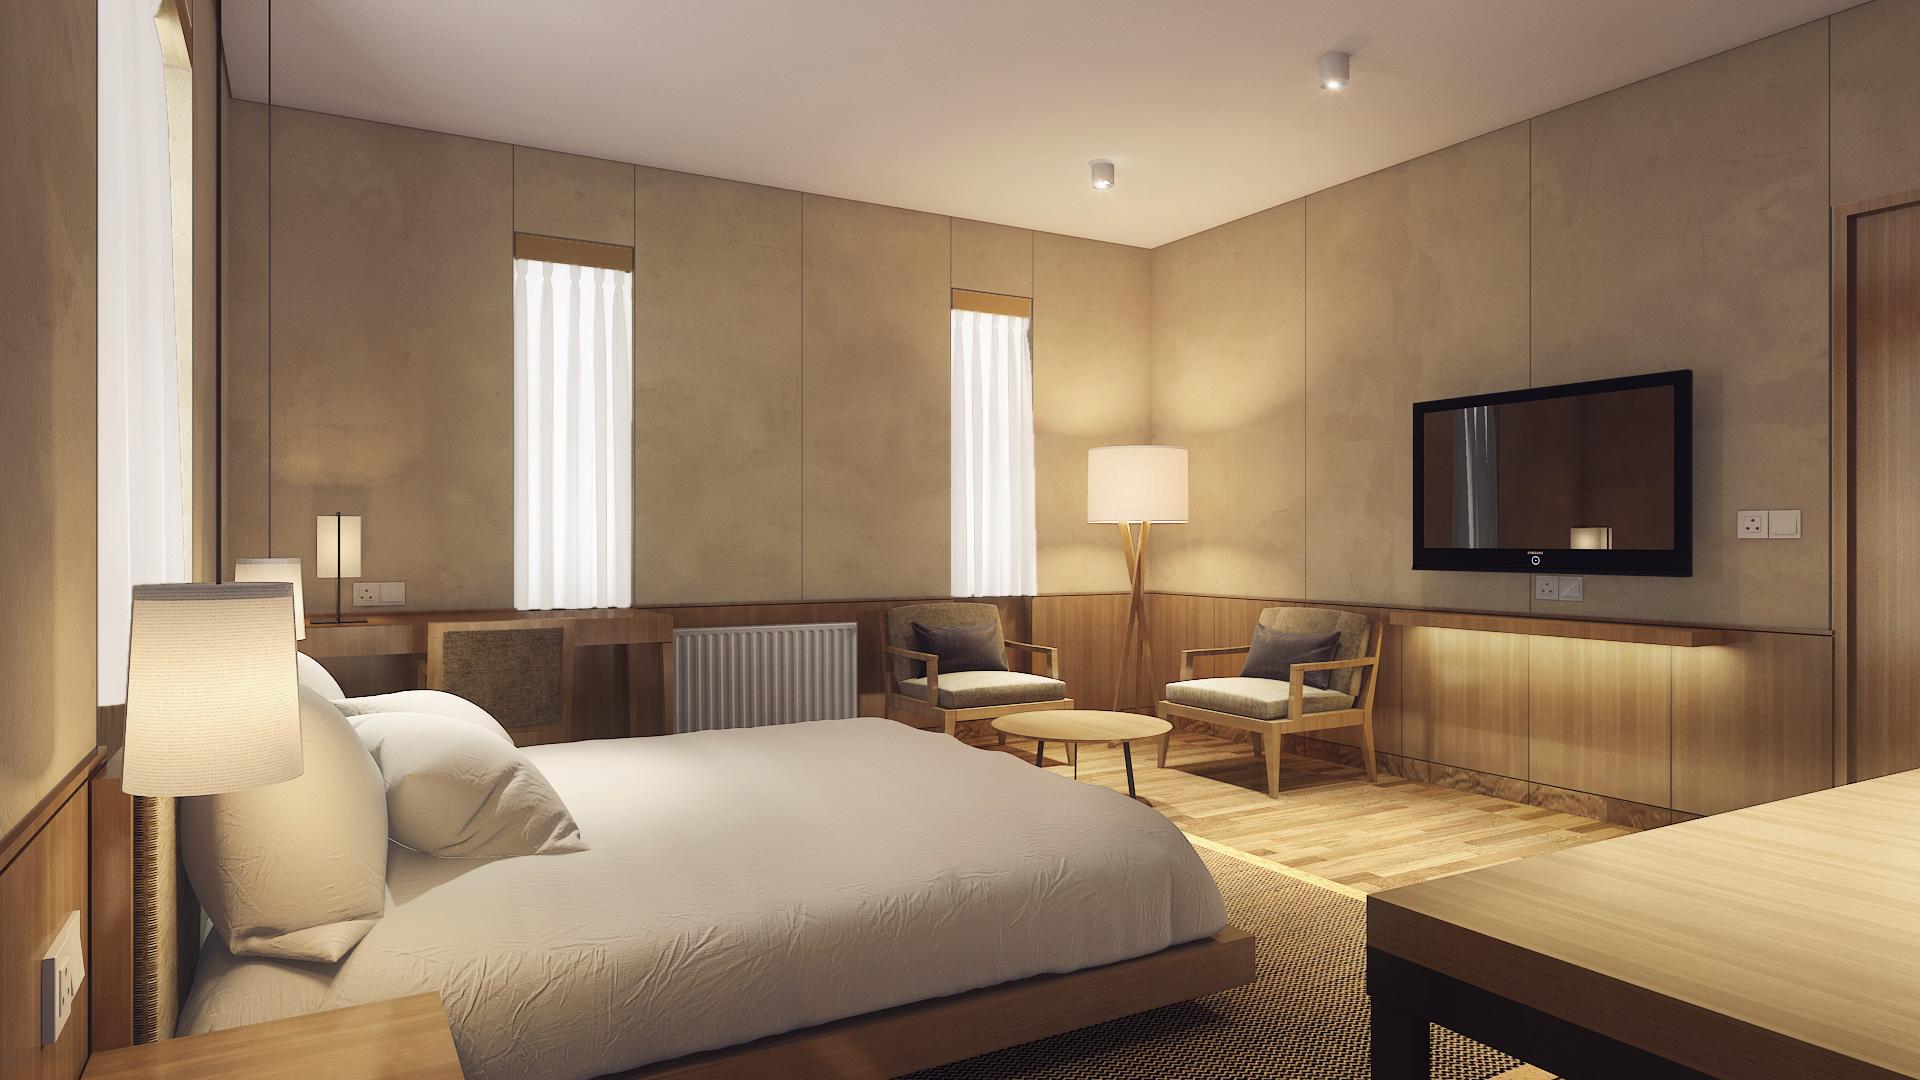 Hotel-Room1-Cam2.jpg